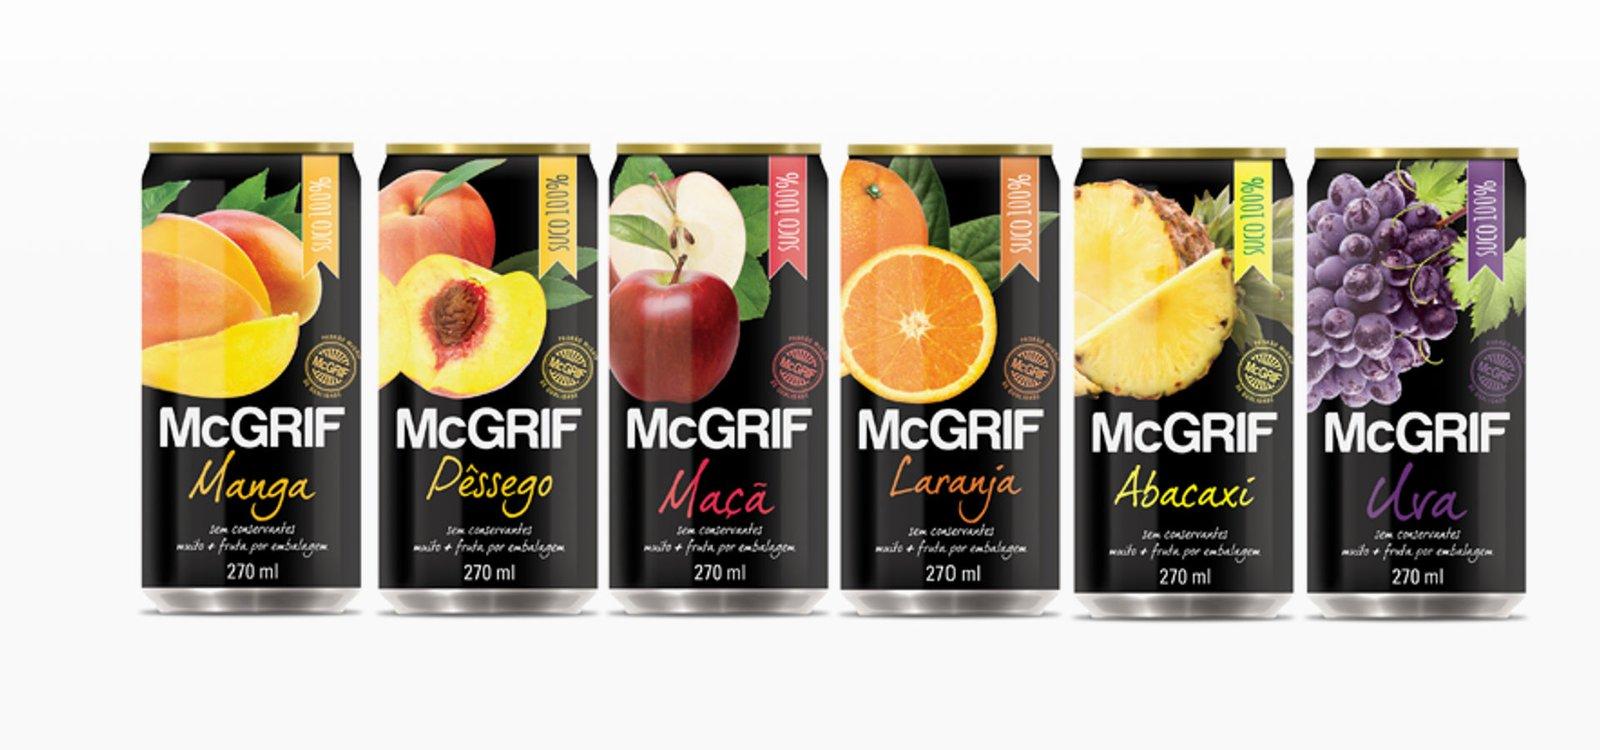 mcgrif-latas-2